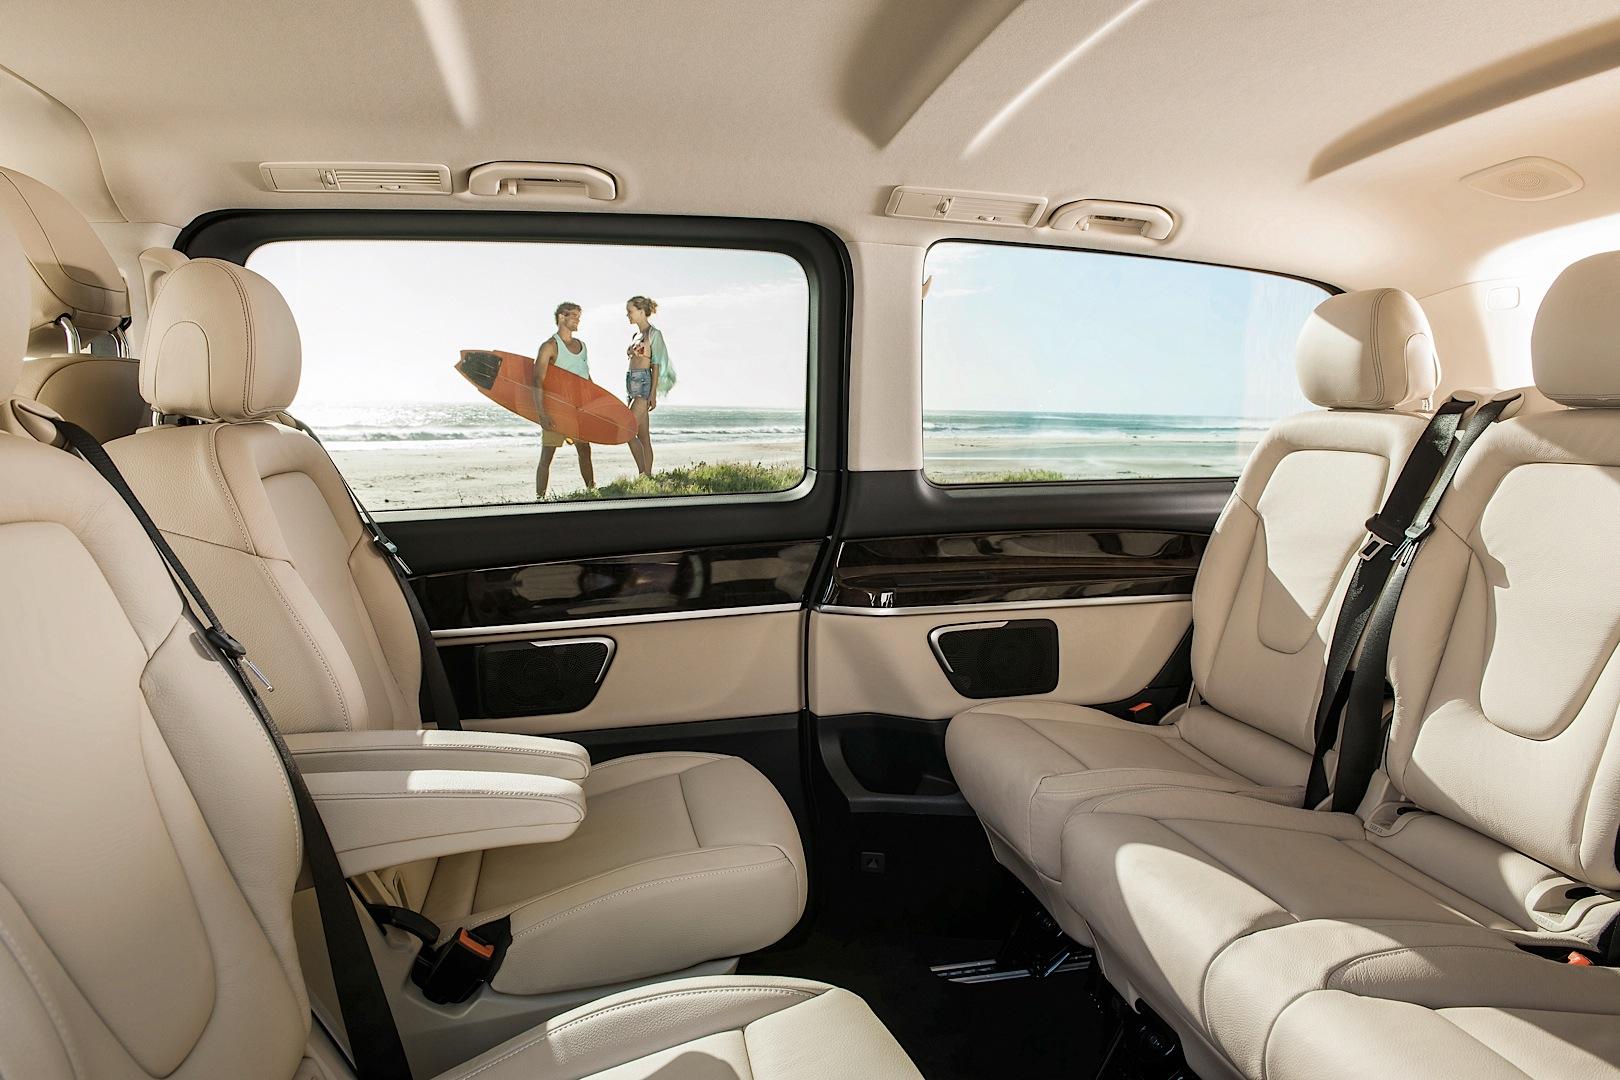 Mercedes Benz Officially Reveals 2015 V Class Autoevolution